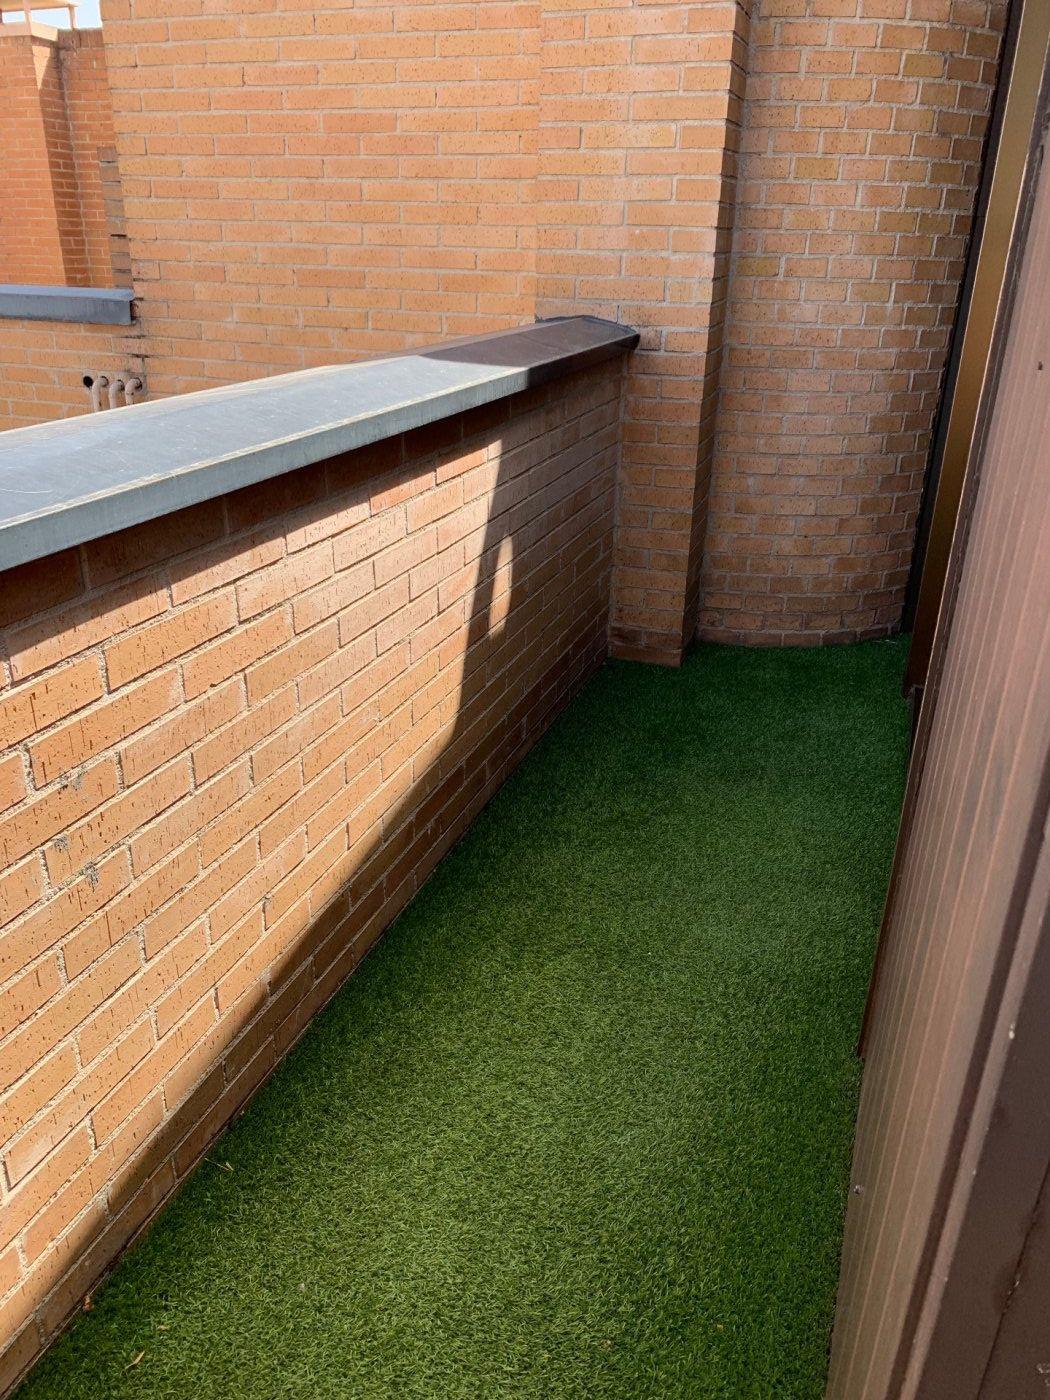 Venta o alquiler de piso en madrid - imagenInmueble32